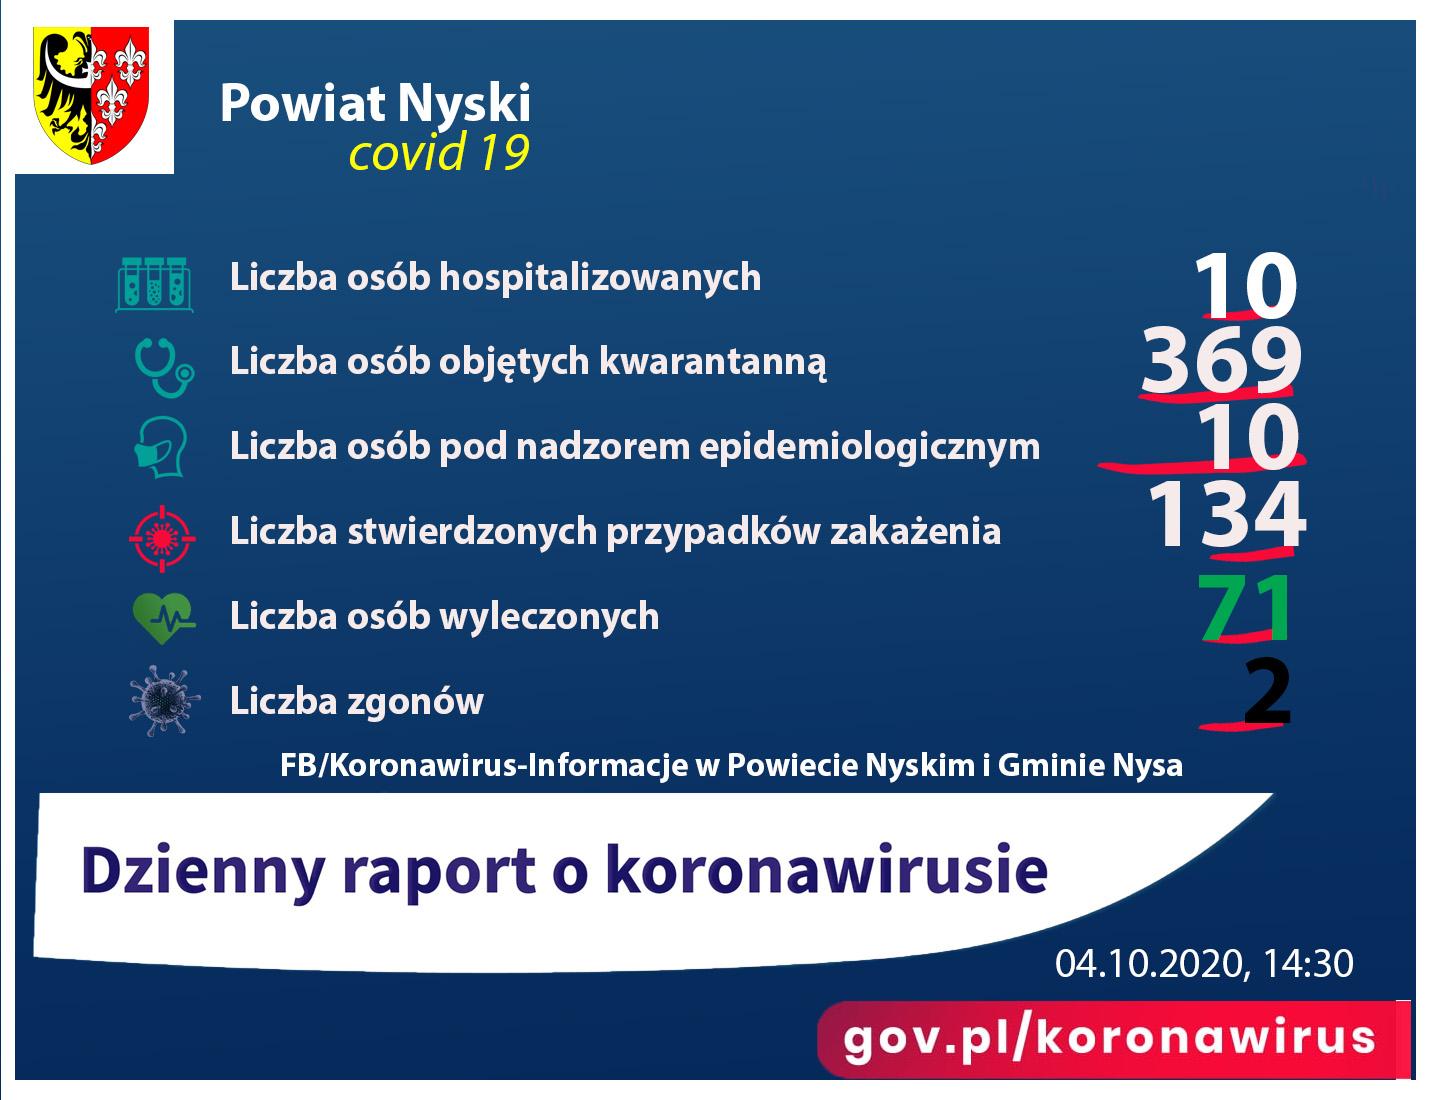 Raport - liczba zakażonych 134, ozdrowieńców 71, zgony 2, pod nadzorem 10, kwarantanna 369